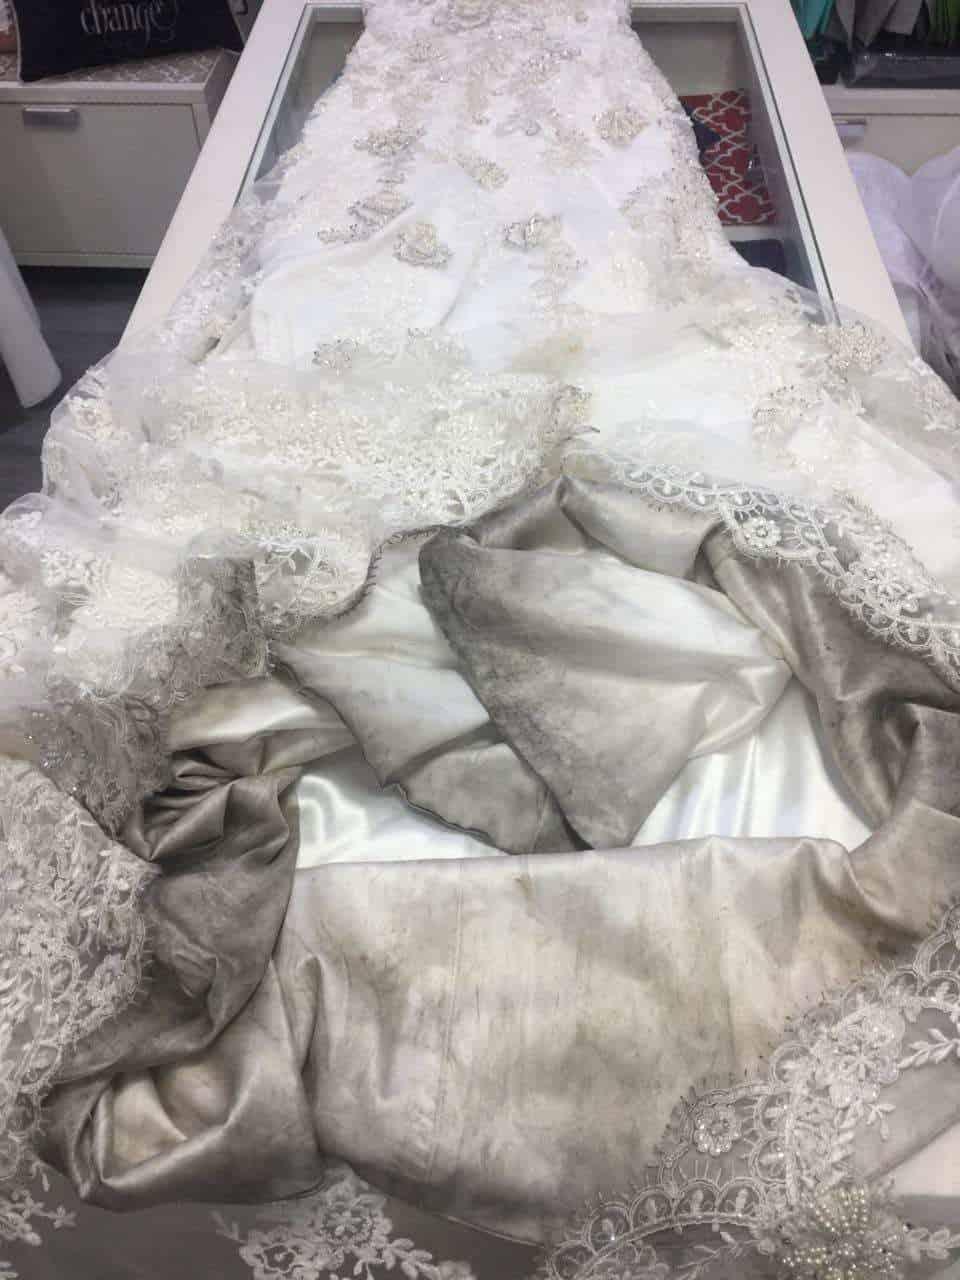 casamento-fernanda-e-leandro-casamento-sp-Fotografia-Produtora-7-casamento-clássico-casamento-tradicional-wedding-78